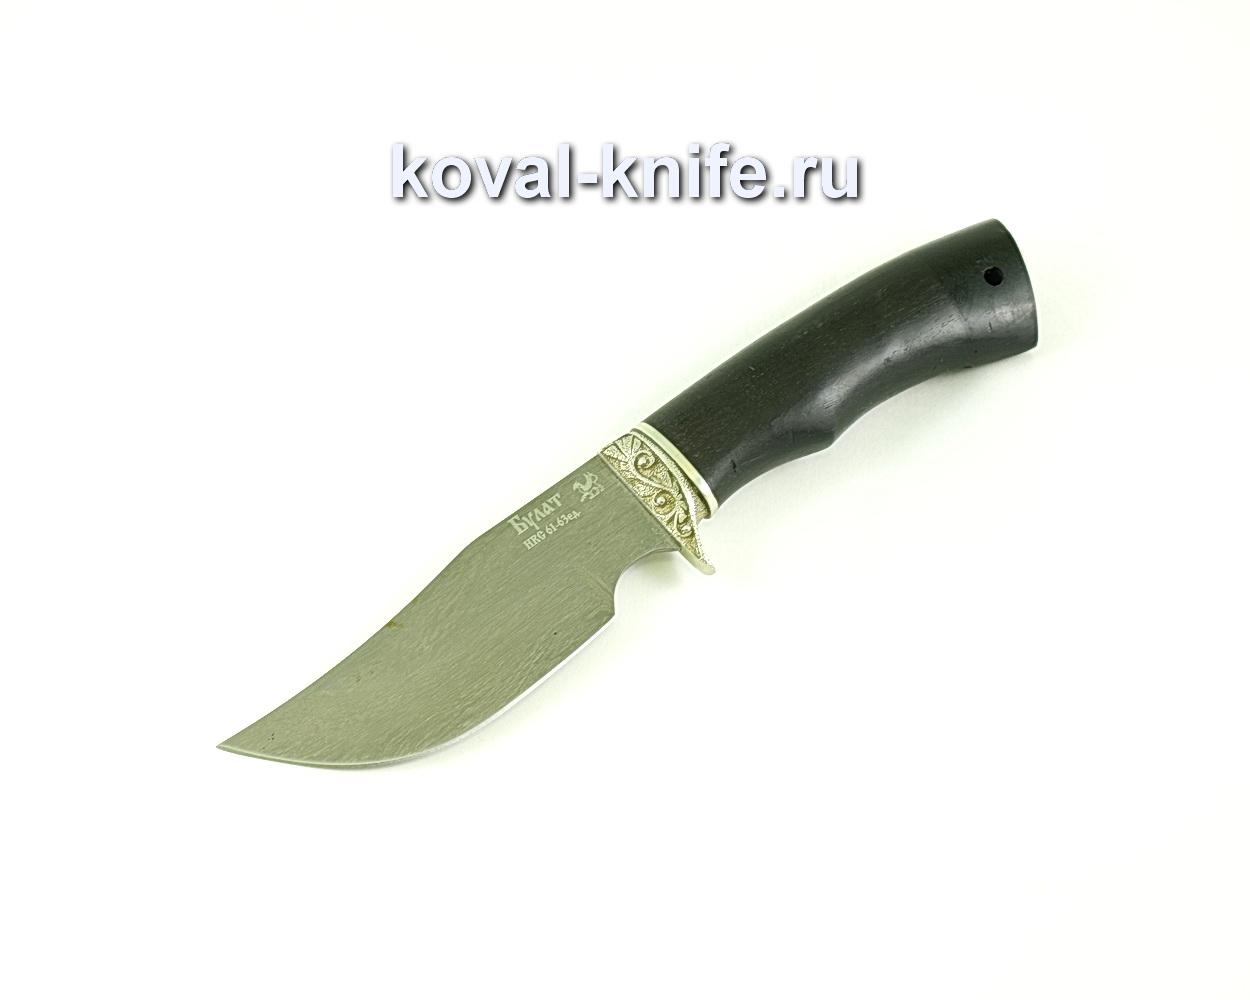 Нож Бекас (сталь Булат), рукоять граб, литье A095